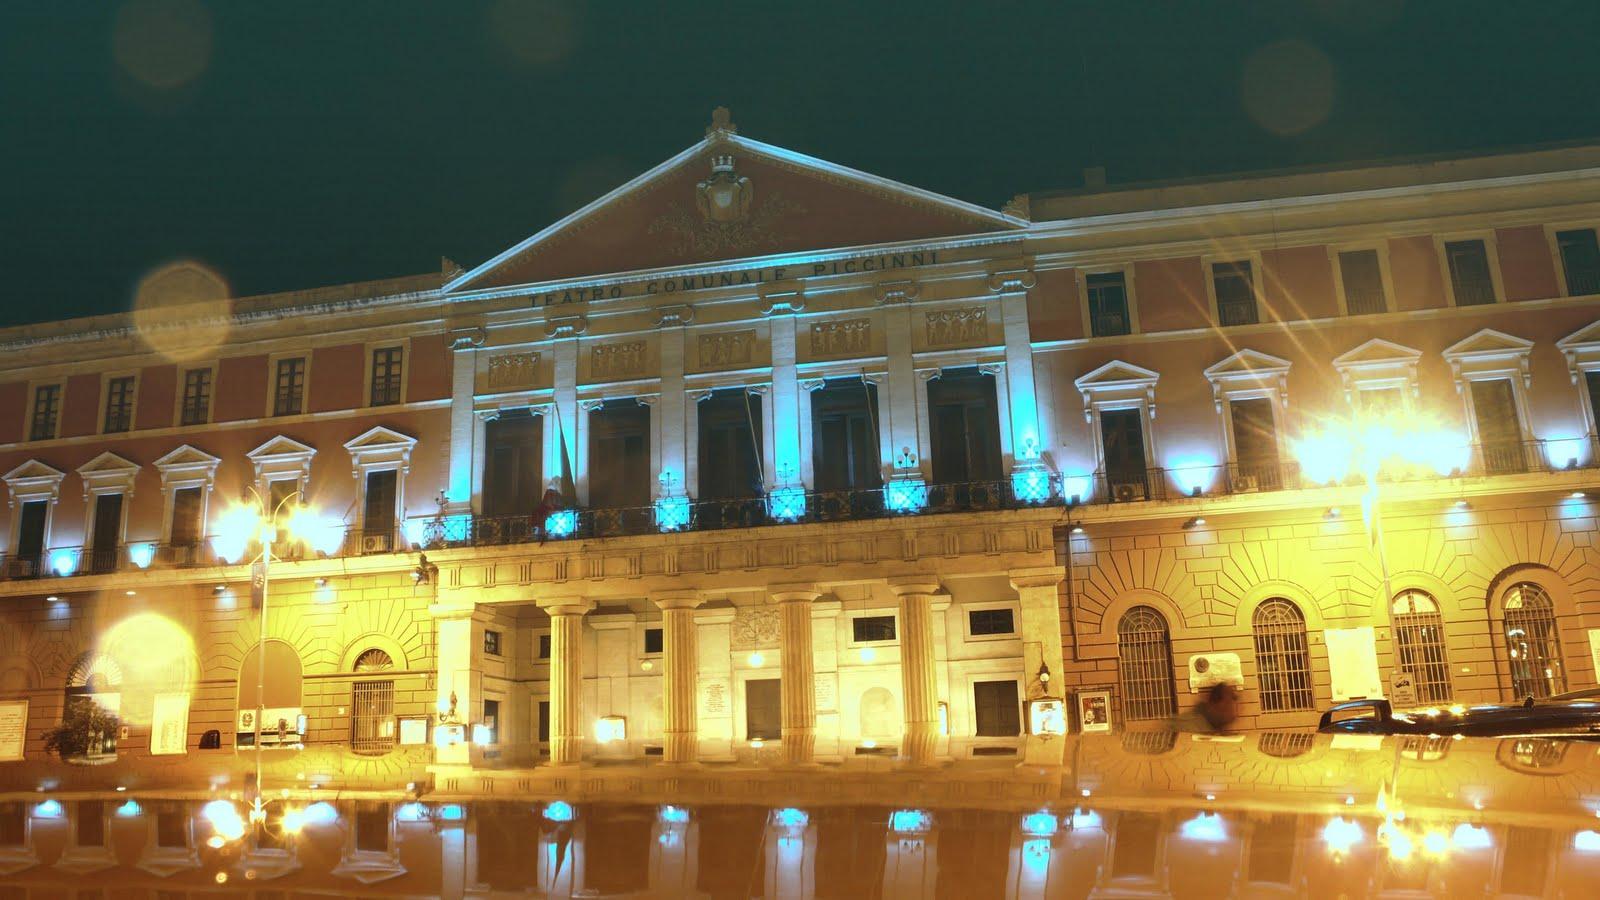 Bari, al via i lavori per il restauro del teatro Piccinni, nel 2018 sarà riaperto il gioiello più prezioso del patrimonio cittadino